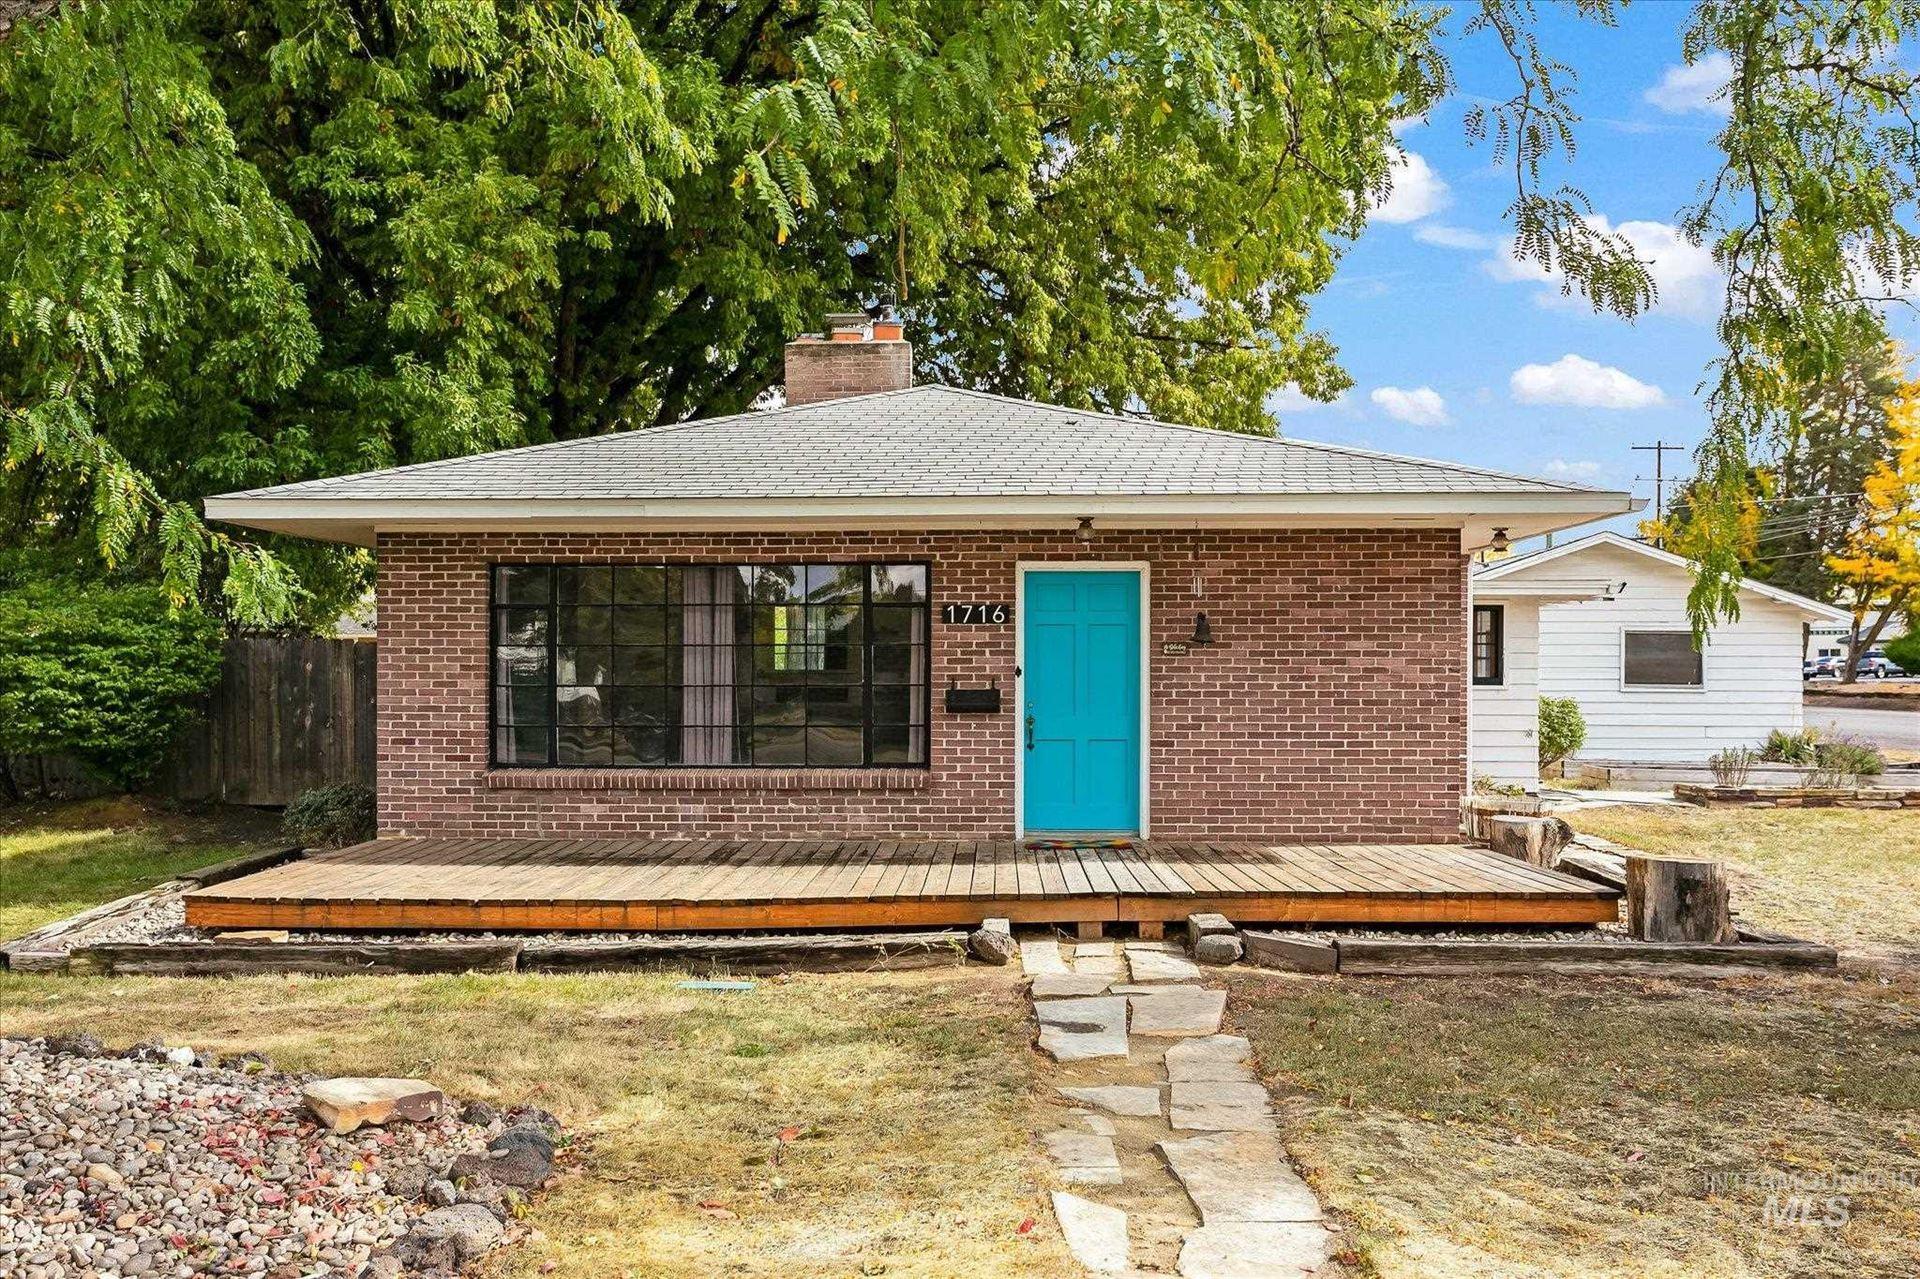 1716 N Amber St., Boise, ID 83706 - MLS#: 98820725